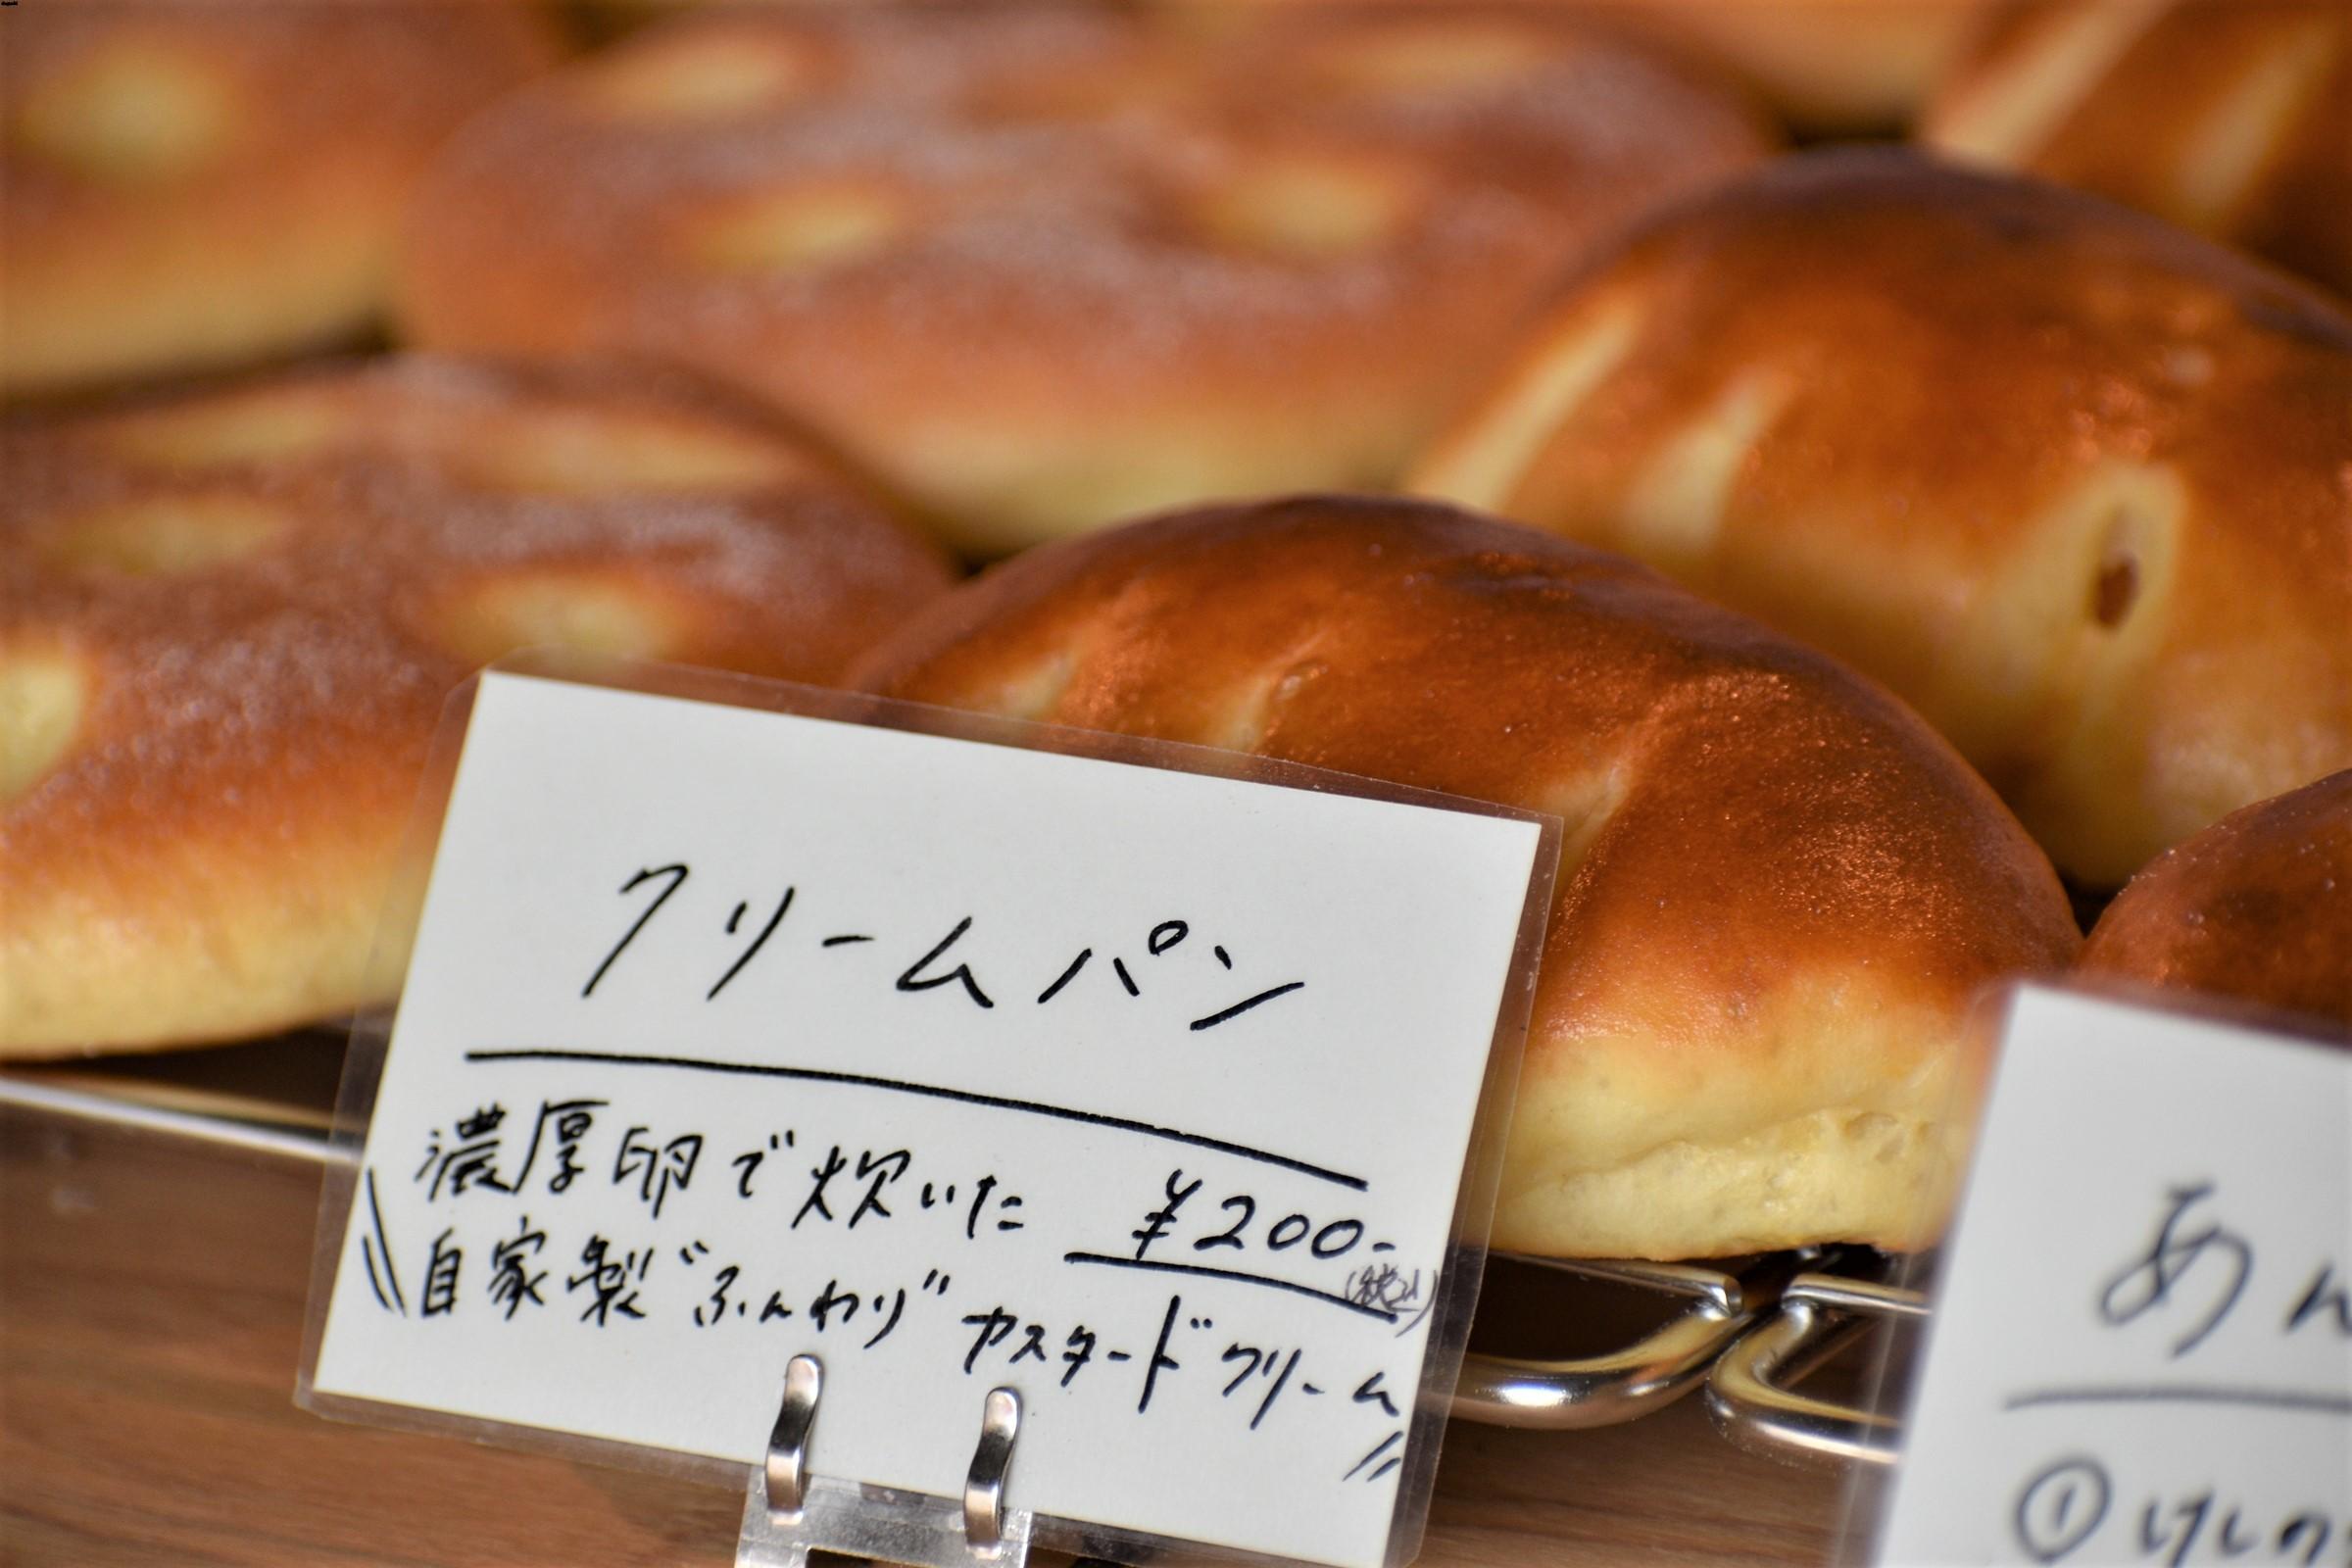 この秋、買いに行きたくなるパン屋さん「トレマタン ブーランジェリー」 - r DSC 1096